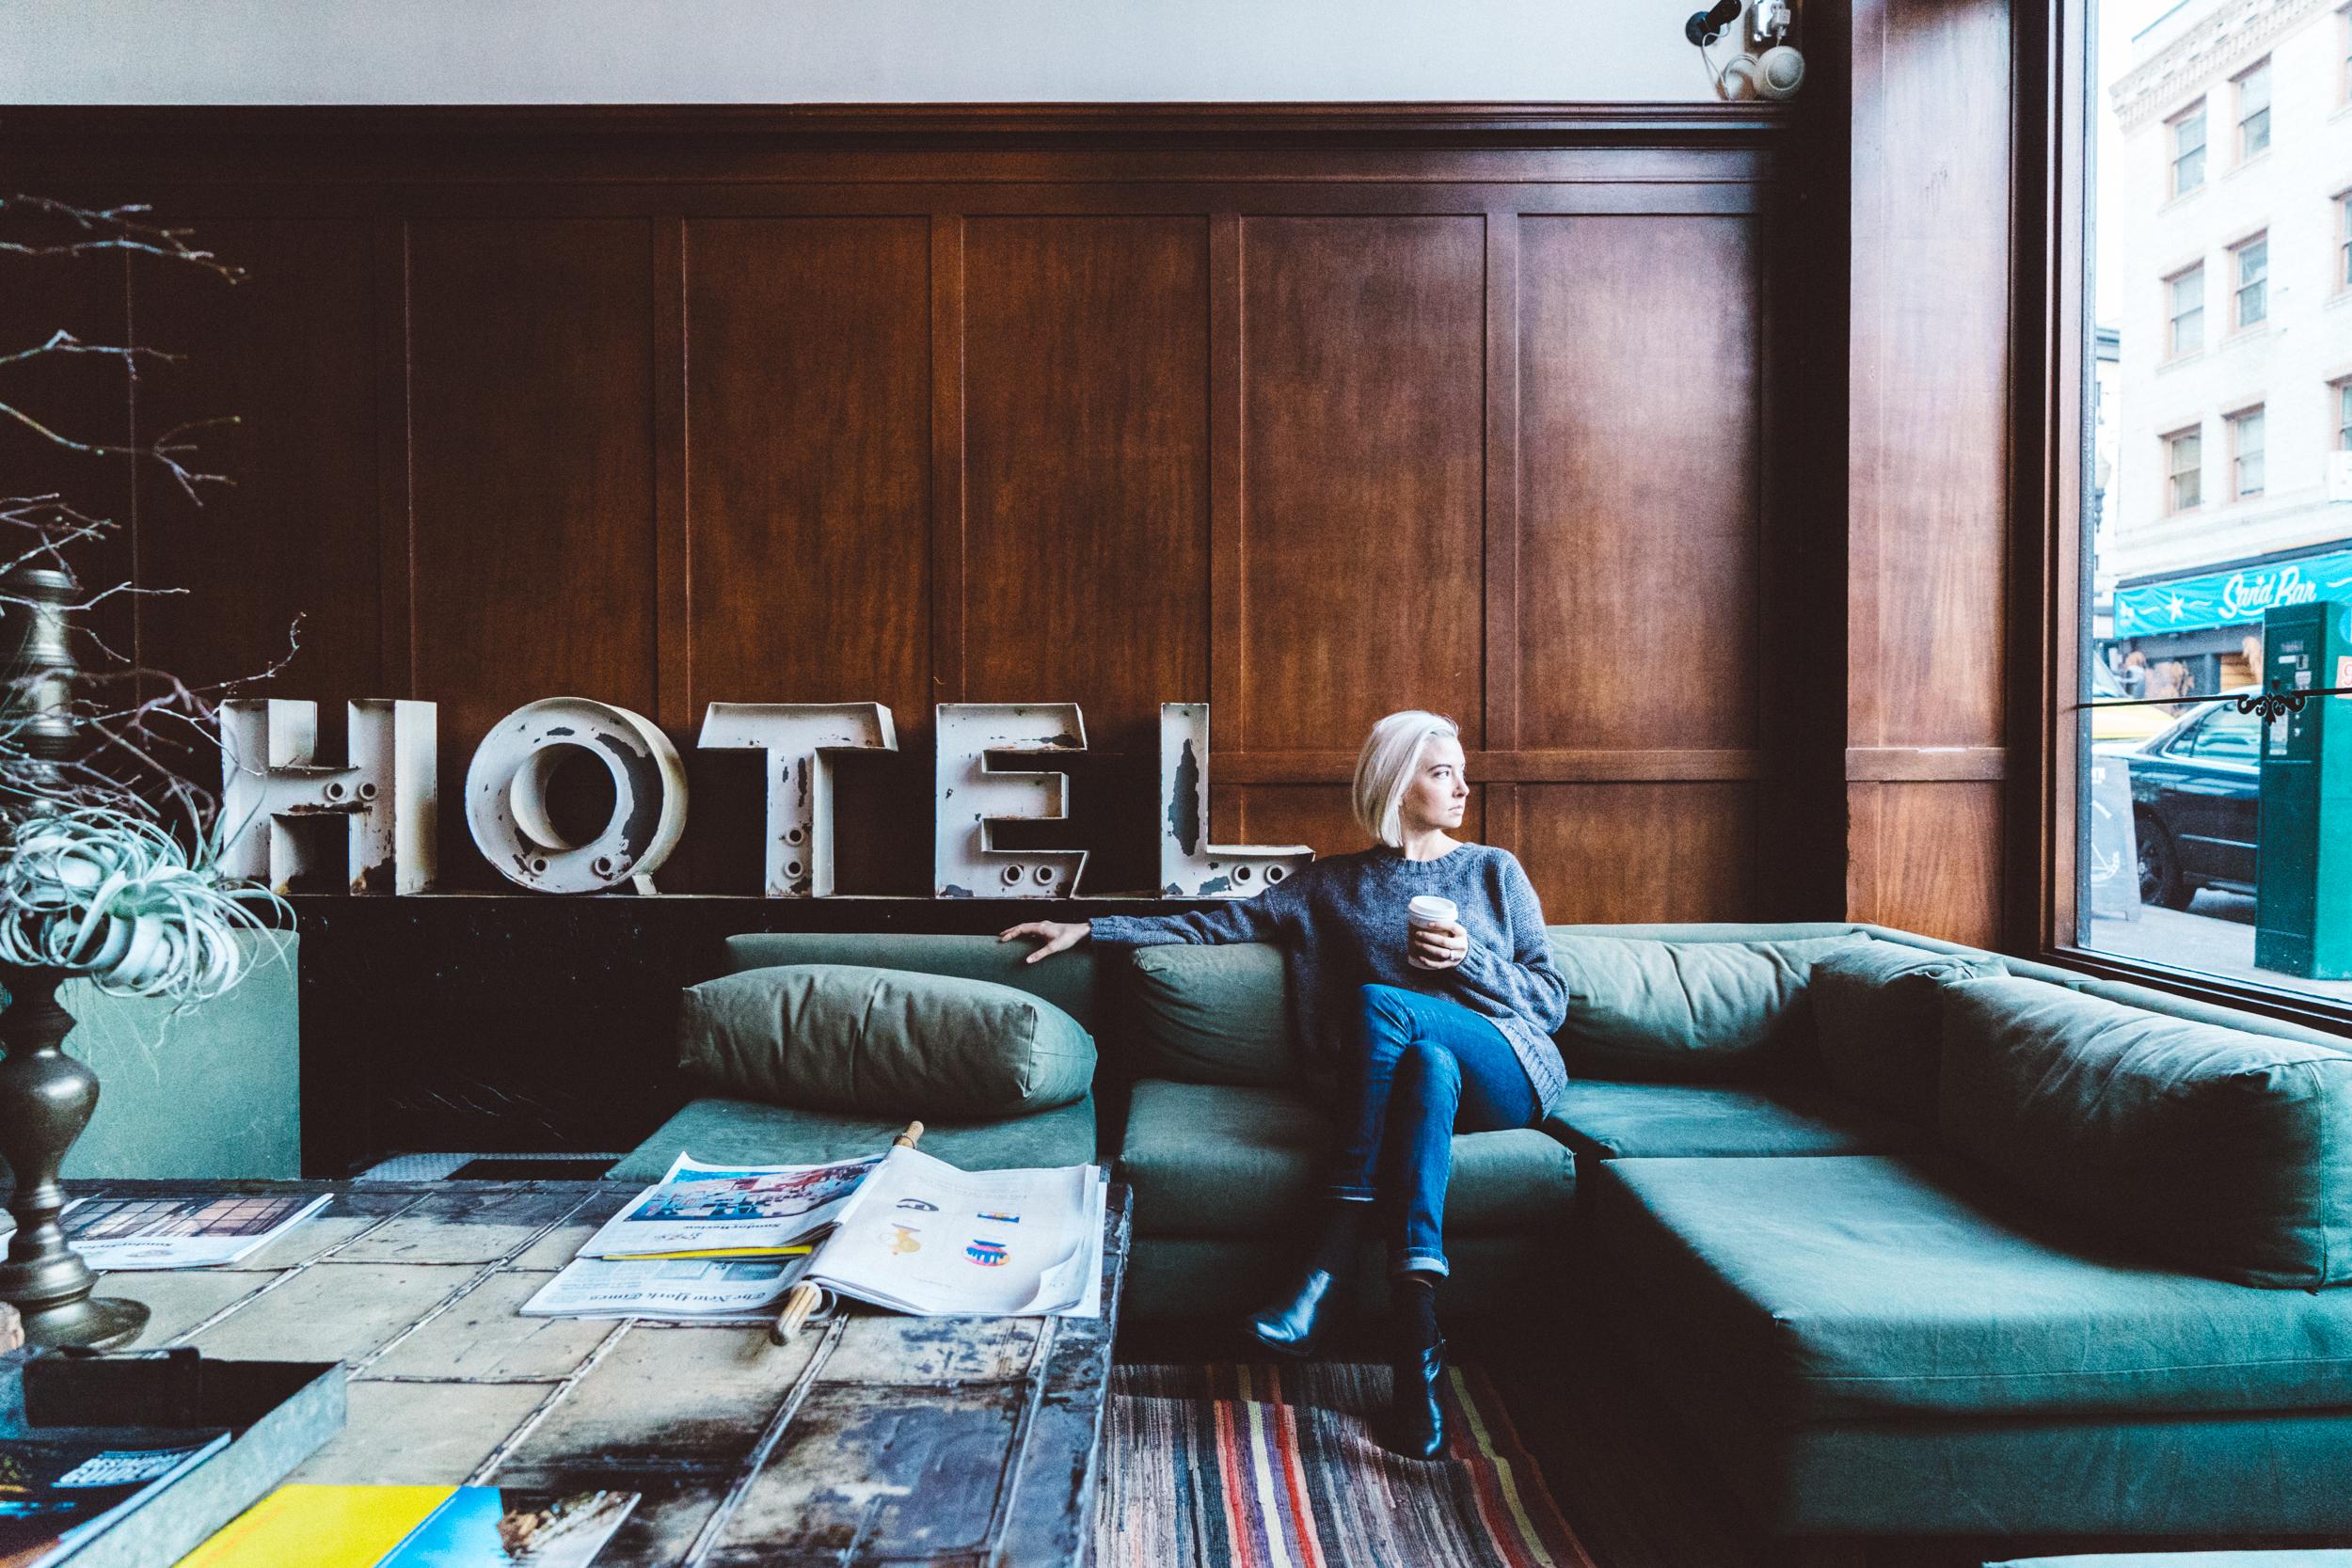 ホテル事業者必見 宿泊客とのメールのやり取りで使える文例集